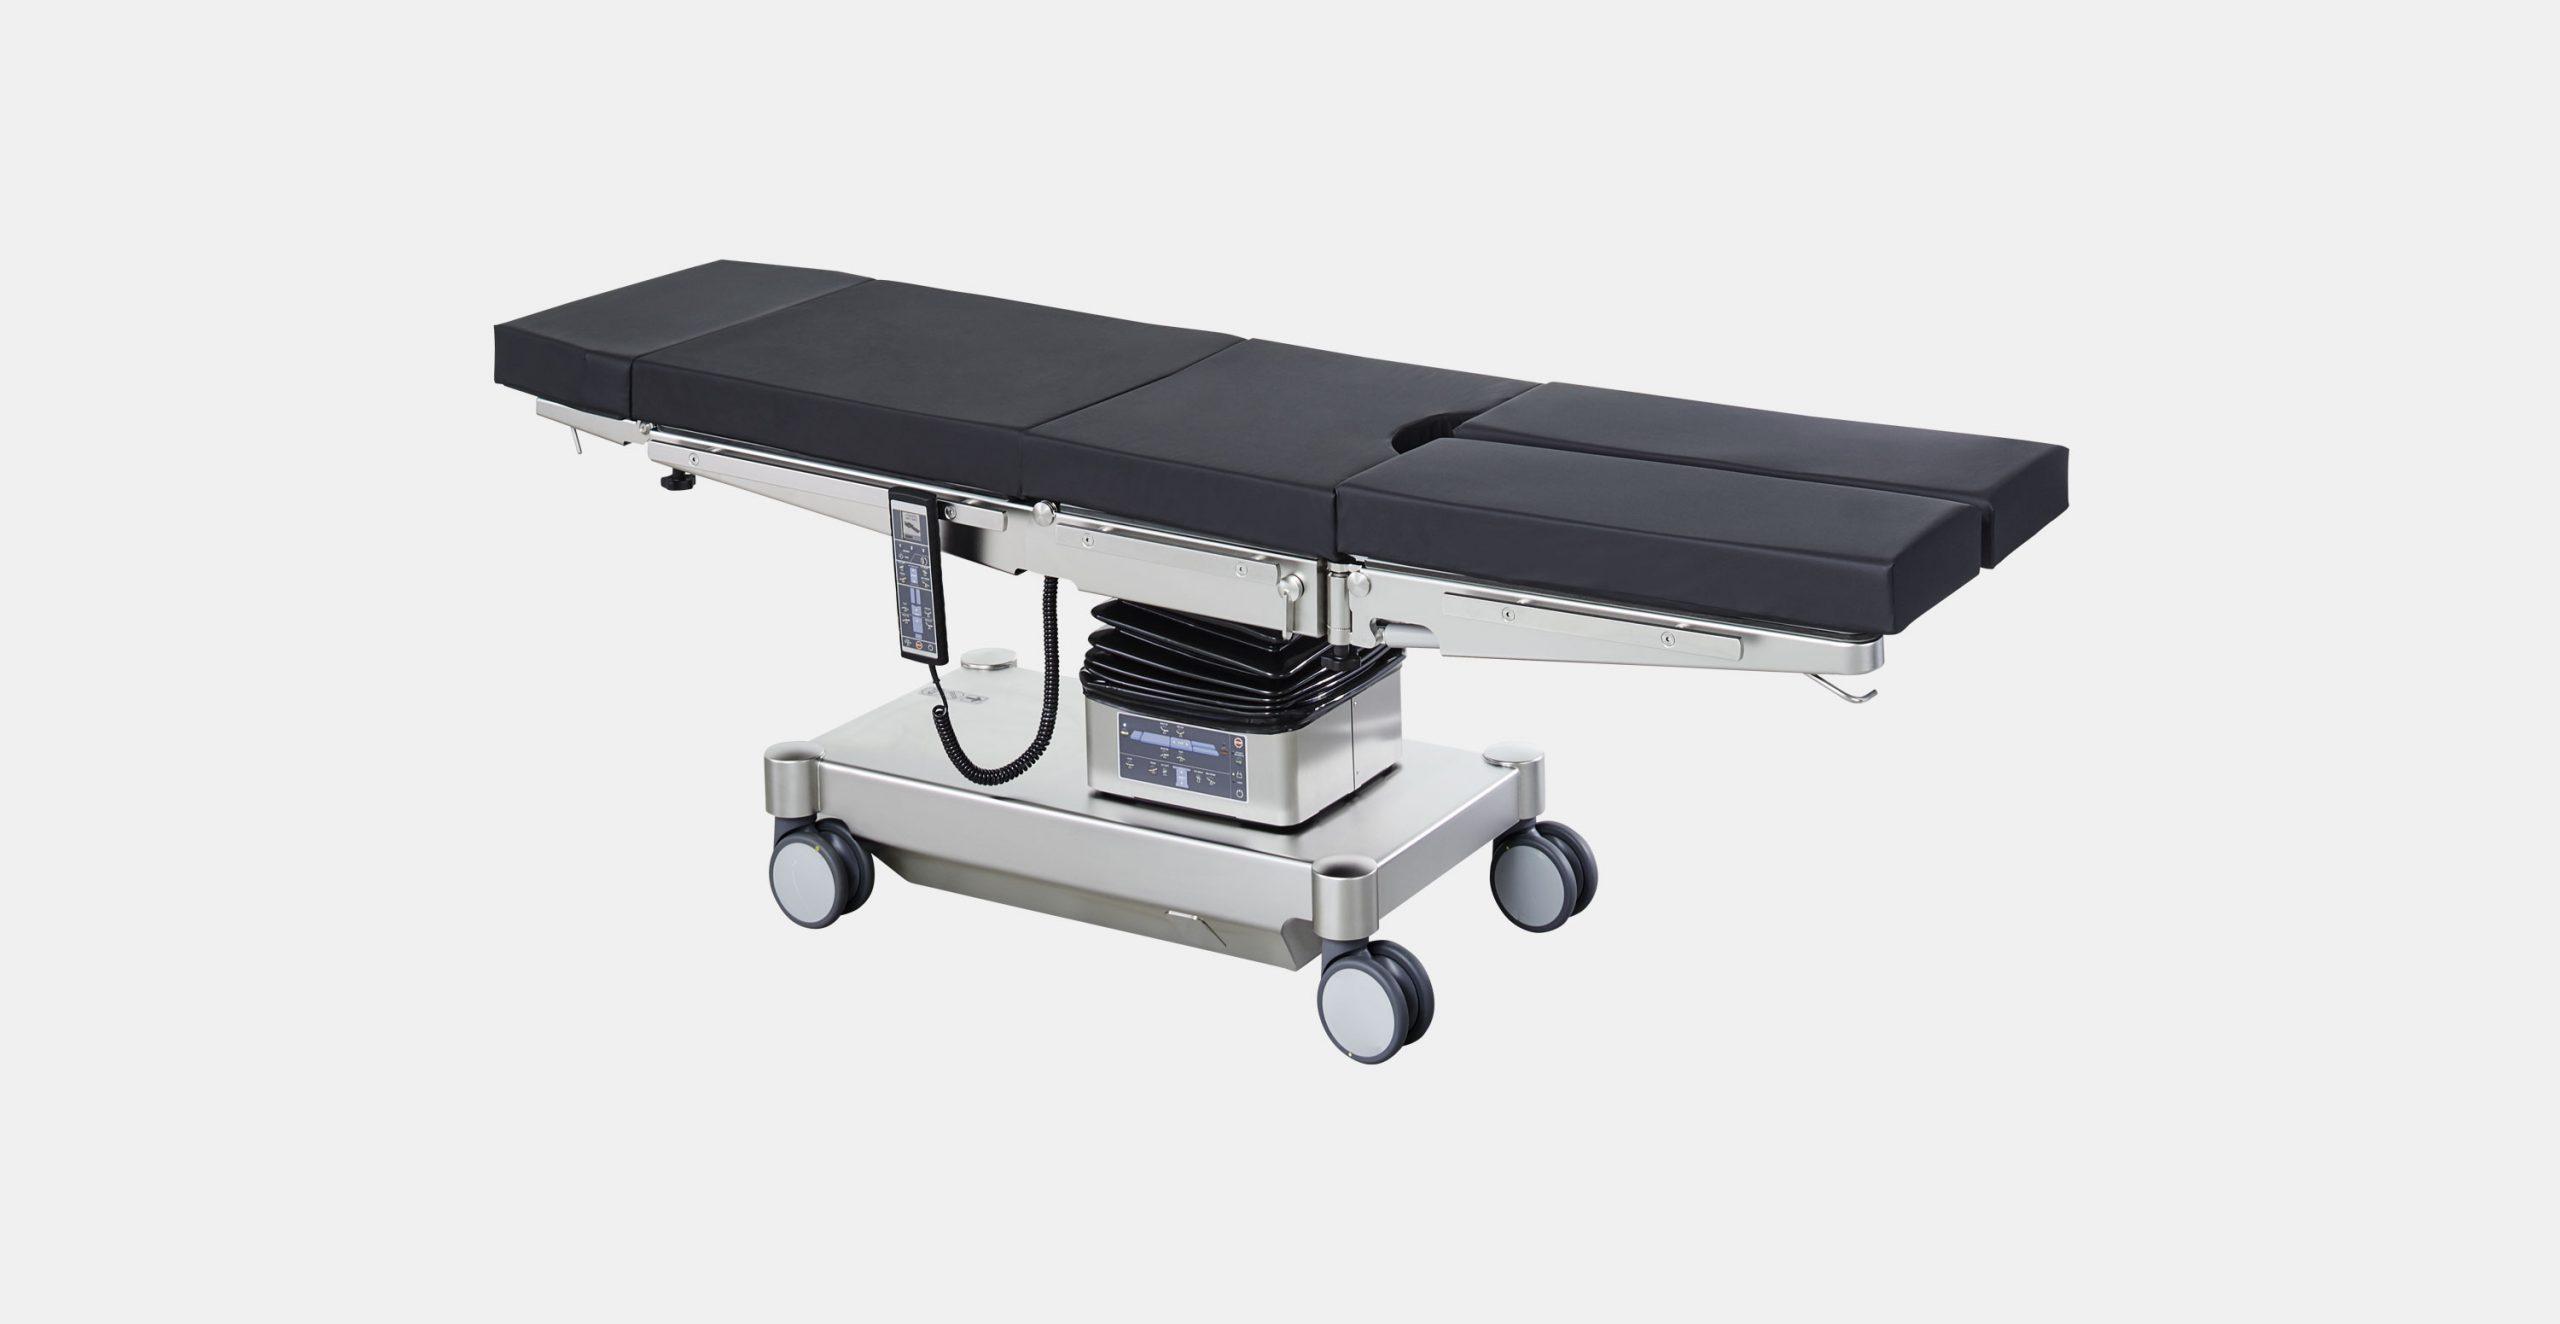 OP-Tisch - mit sehr niedriger Basishöhe